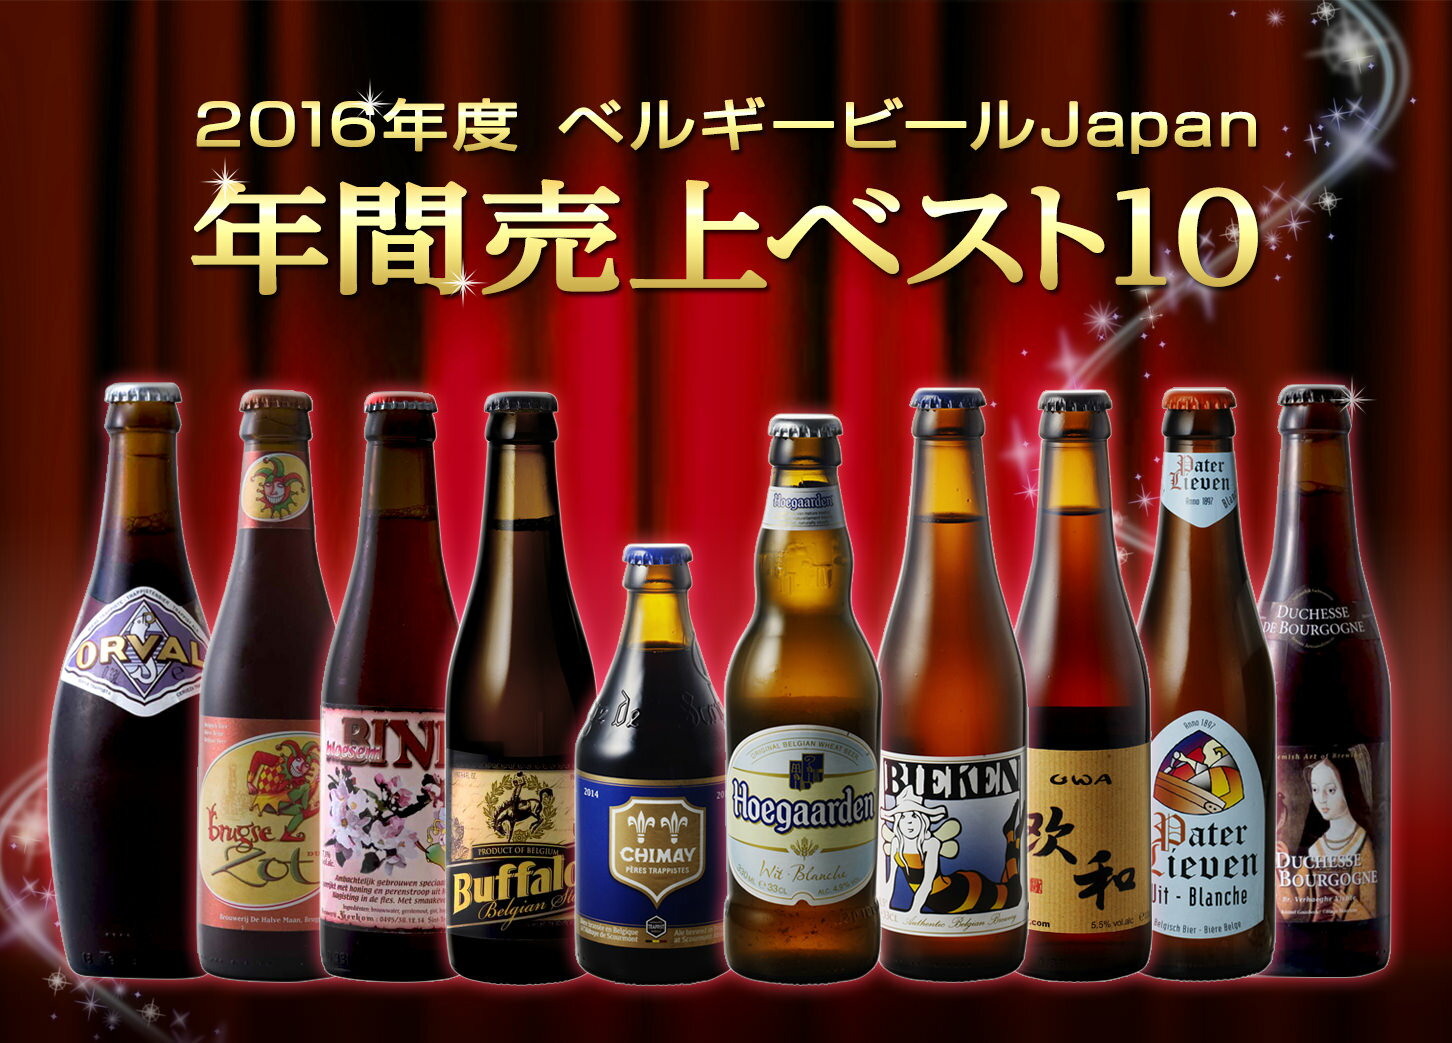 送料無料 ベルギービールJapan 2016年間売上トップ10セット(箱入) ベルギー ビール ギフト 贈答用 飲み比べ